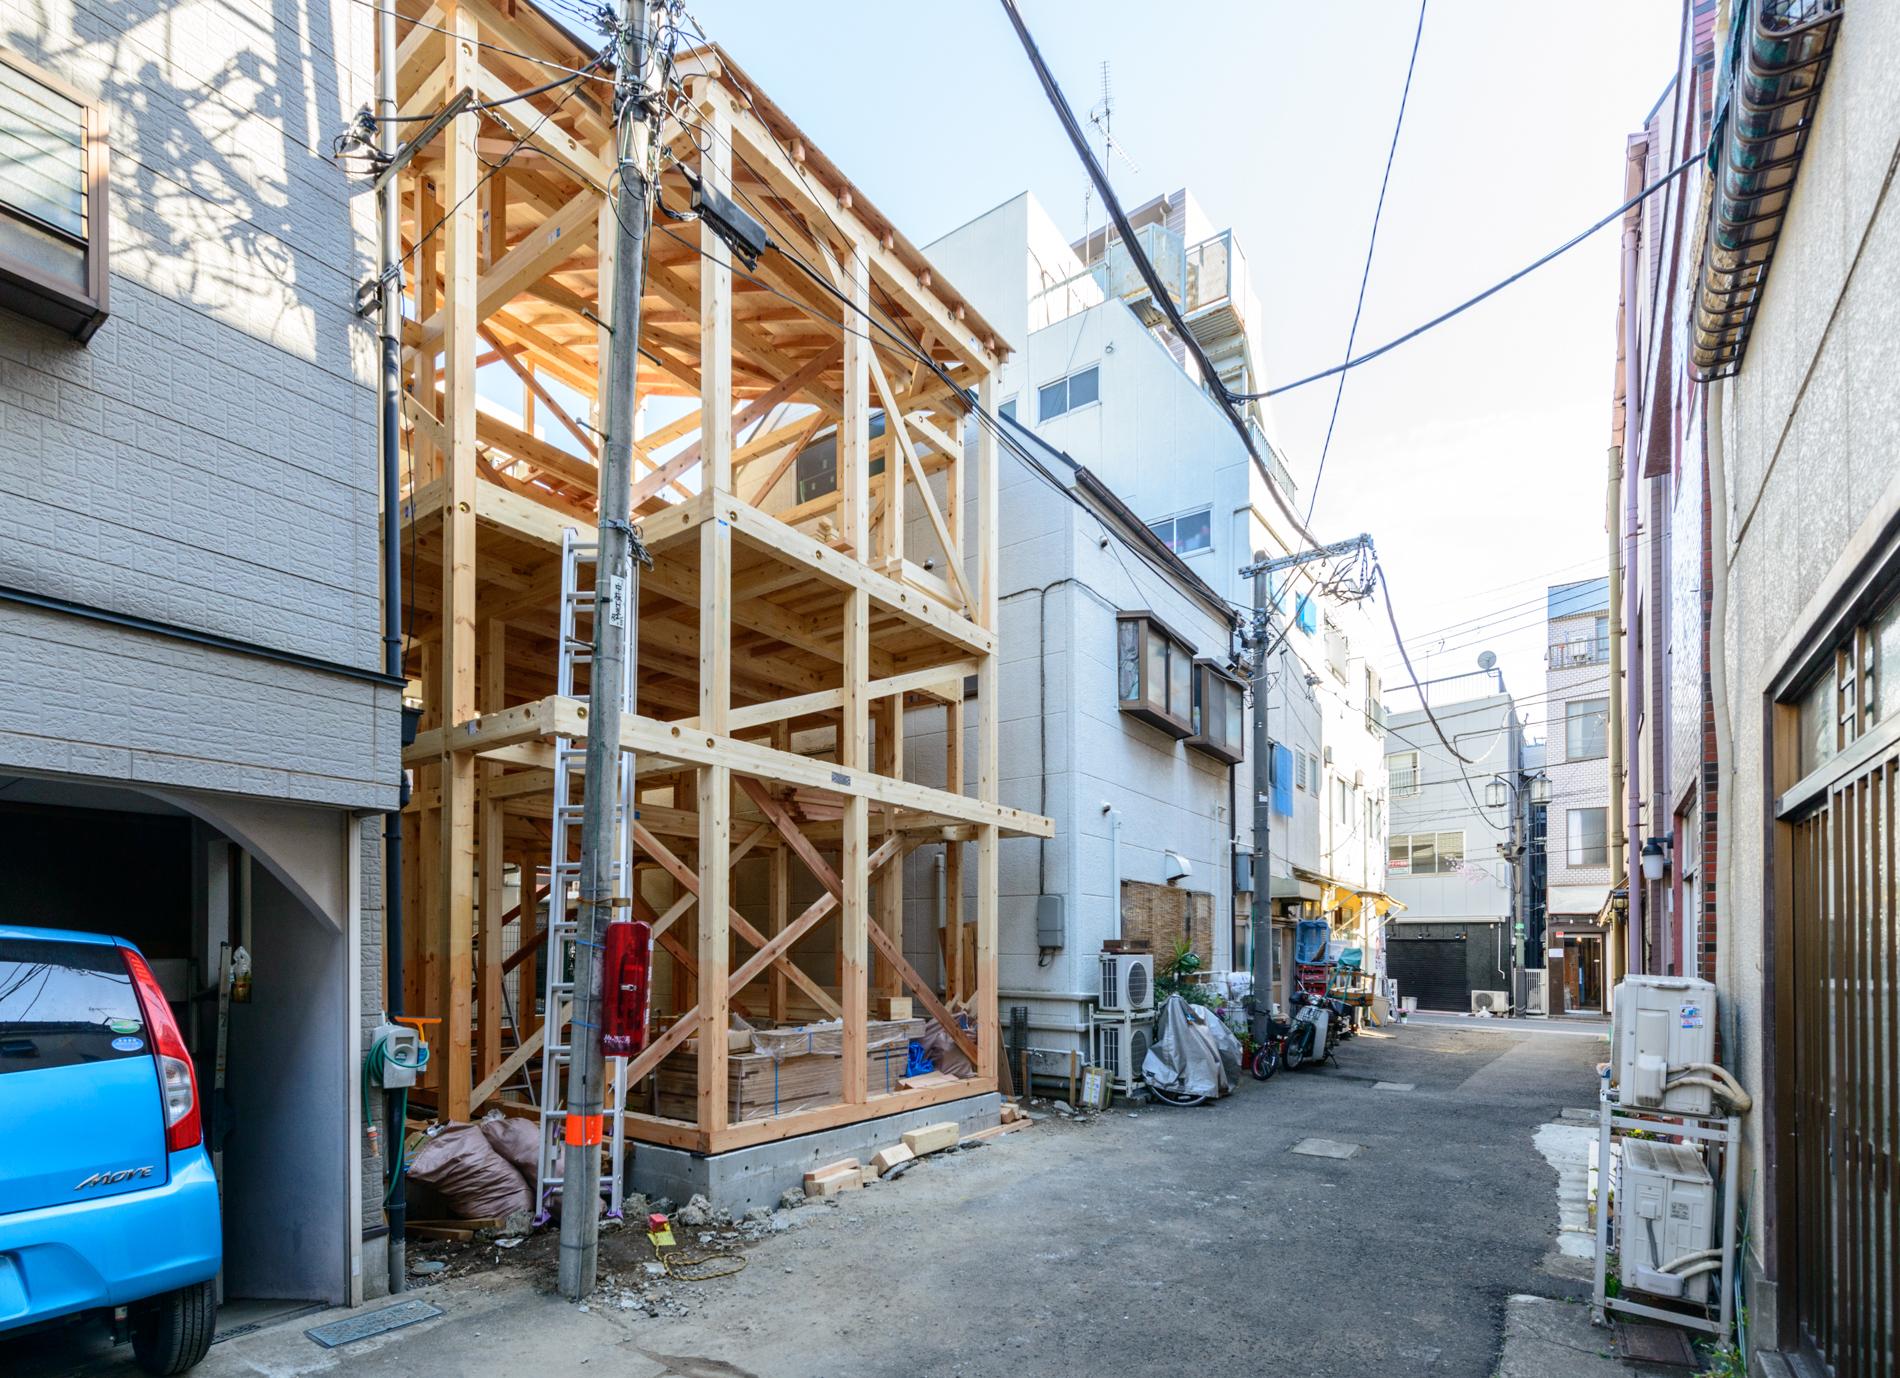 2018年3月4日建て方4(2階建てですが、両側の建物と高さがほとんど変わりません)